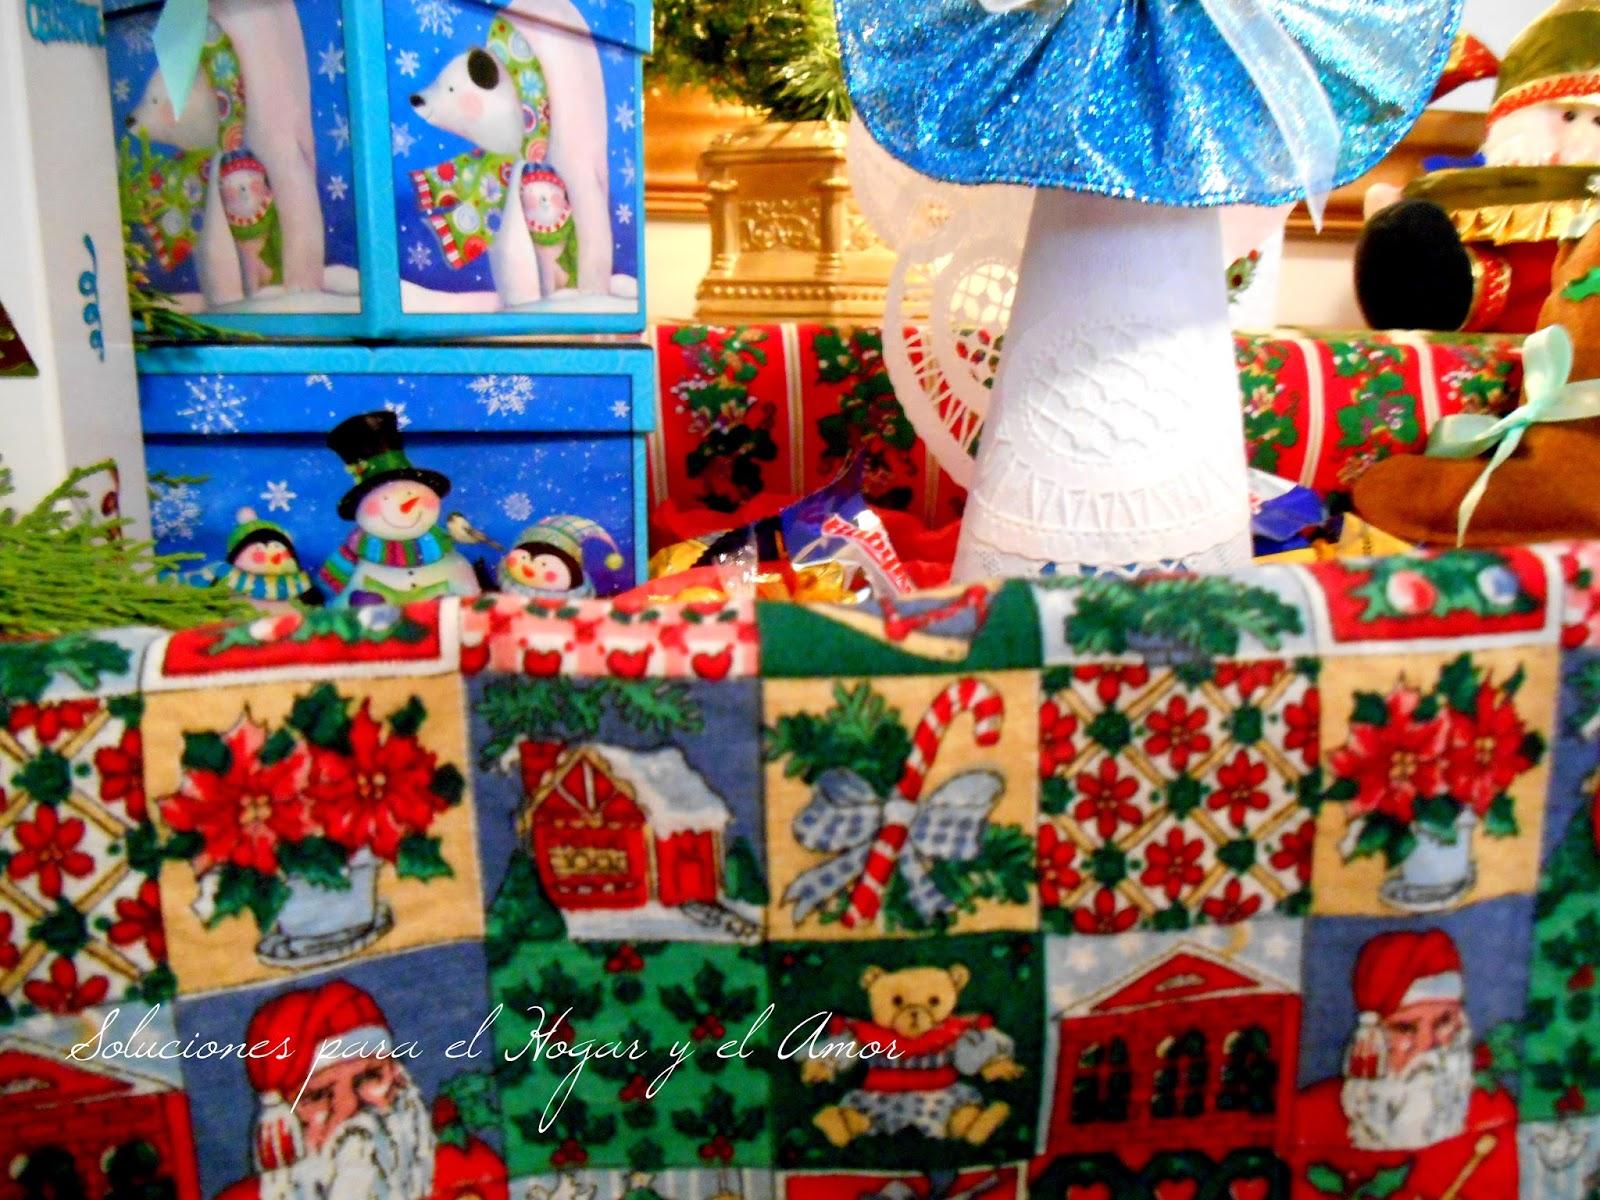 Caja de Madera Rústica Decorada para Navidad